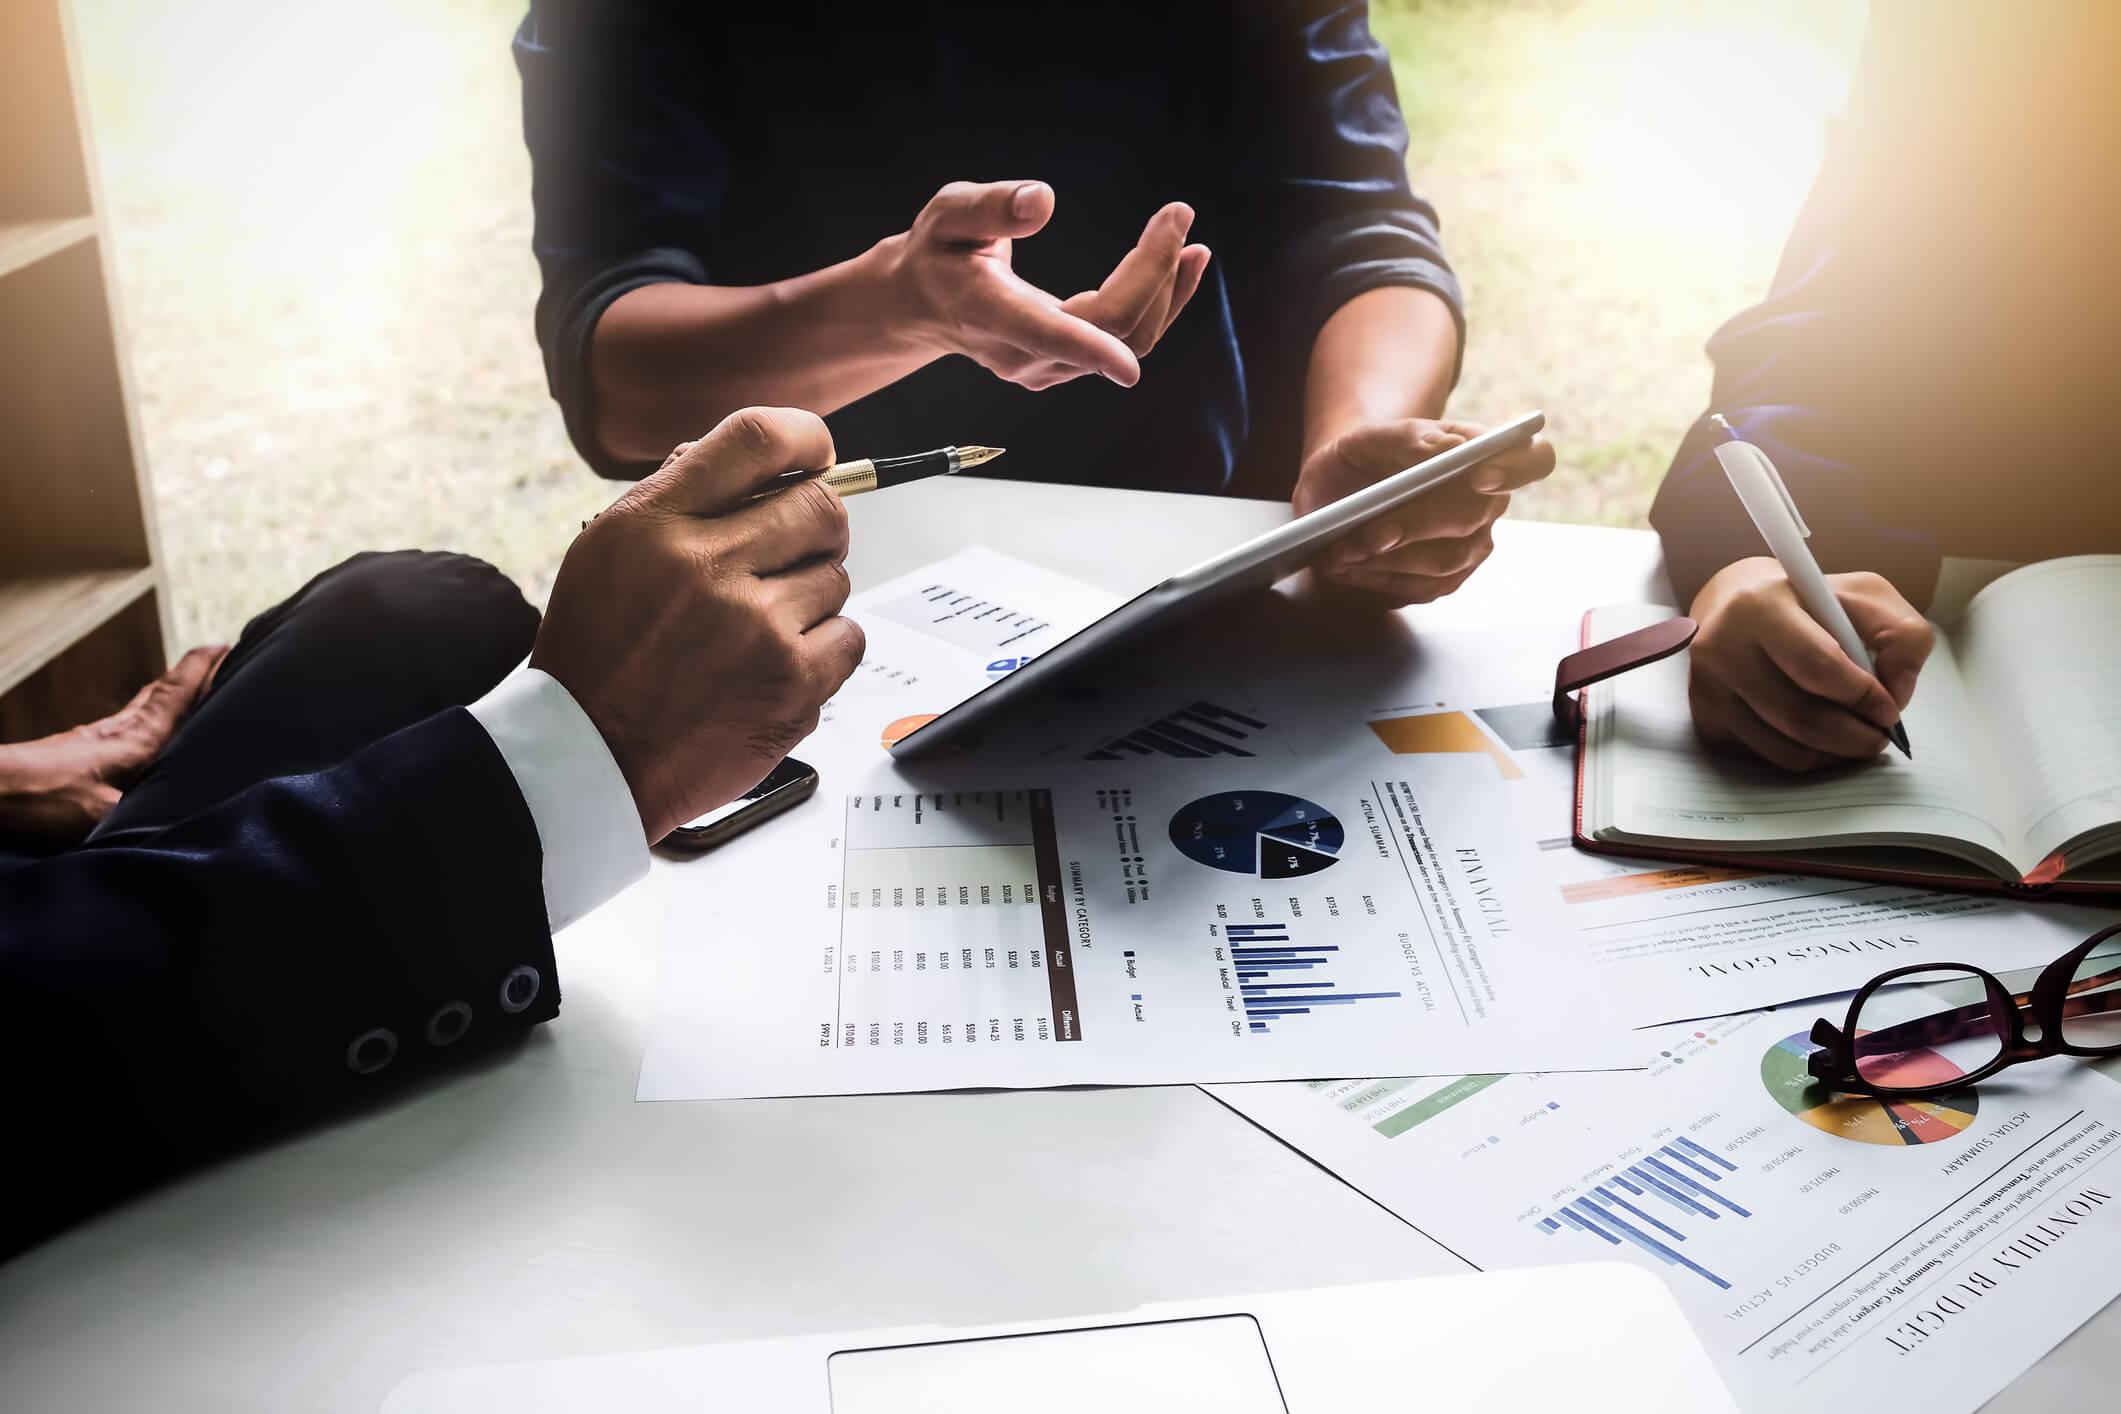 Plano De Expansao E Melhor Fazer Sozinho Ou Contratar Empresa